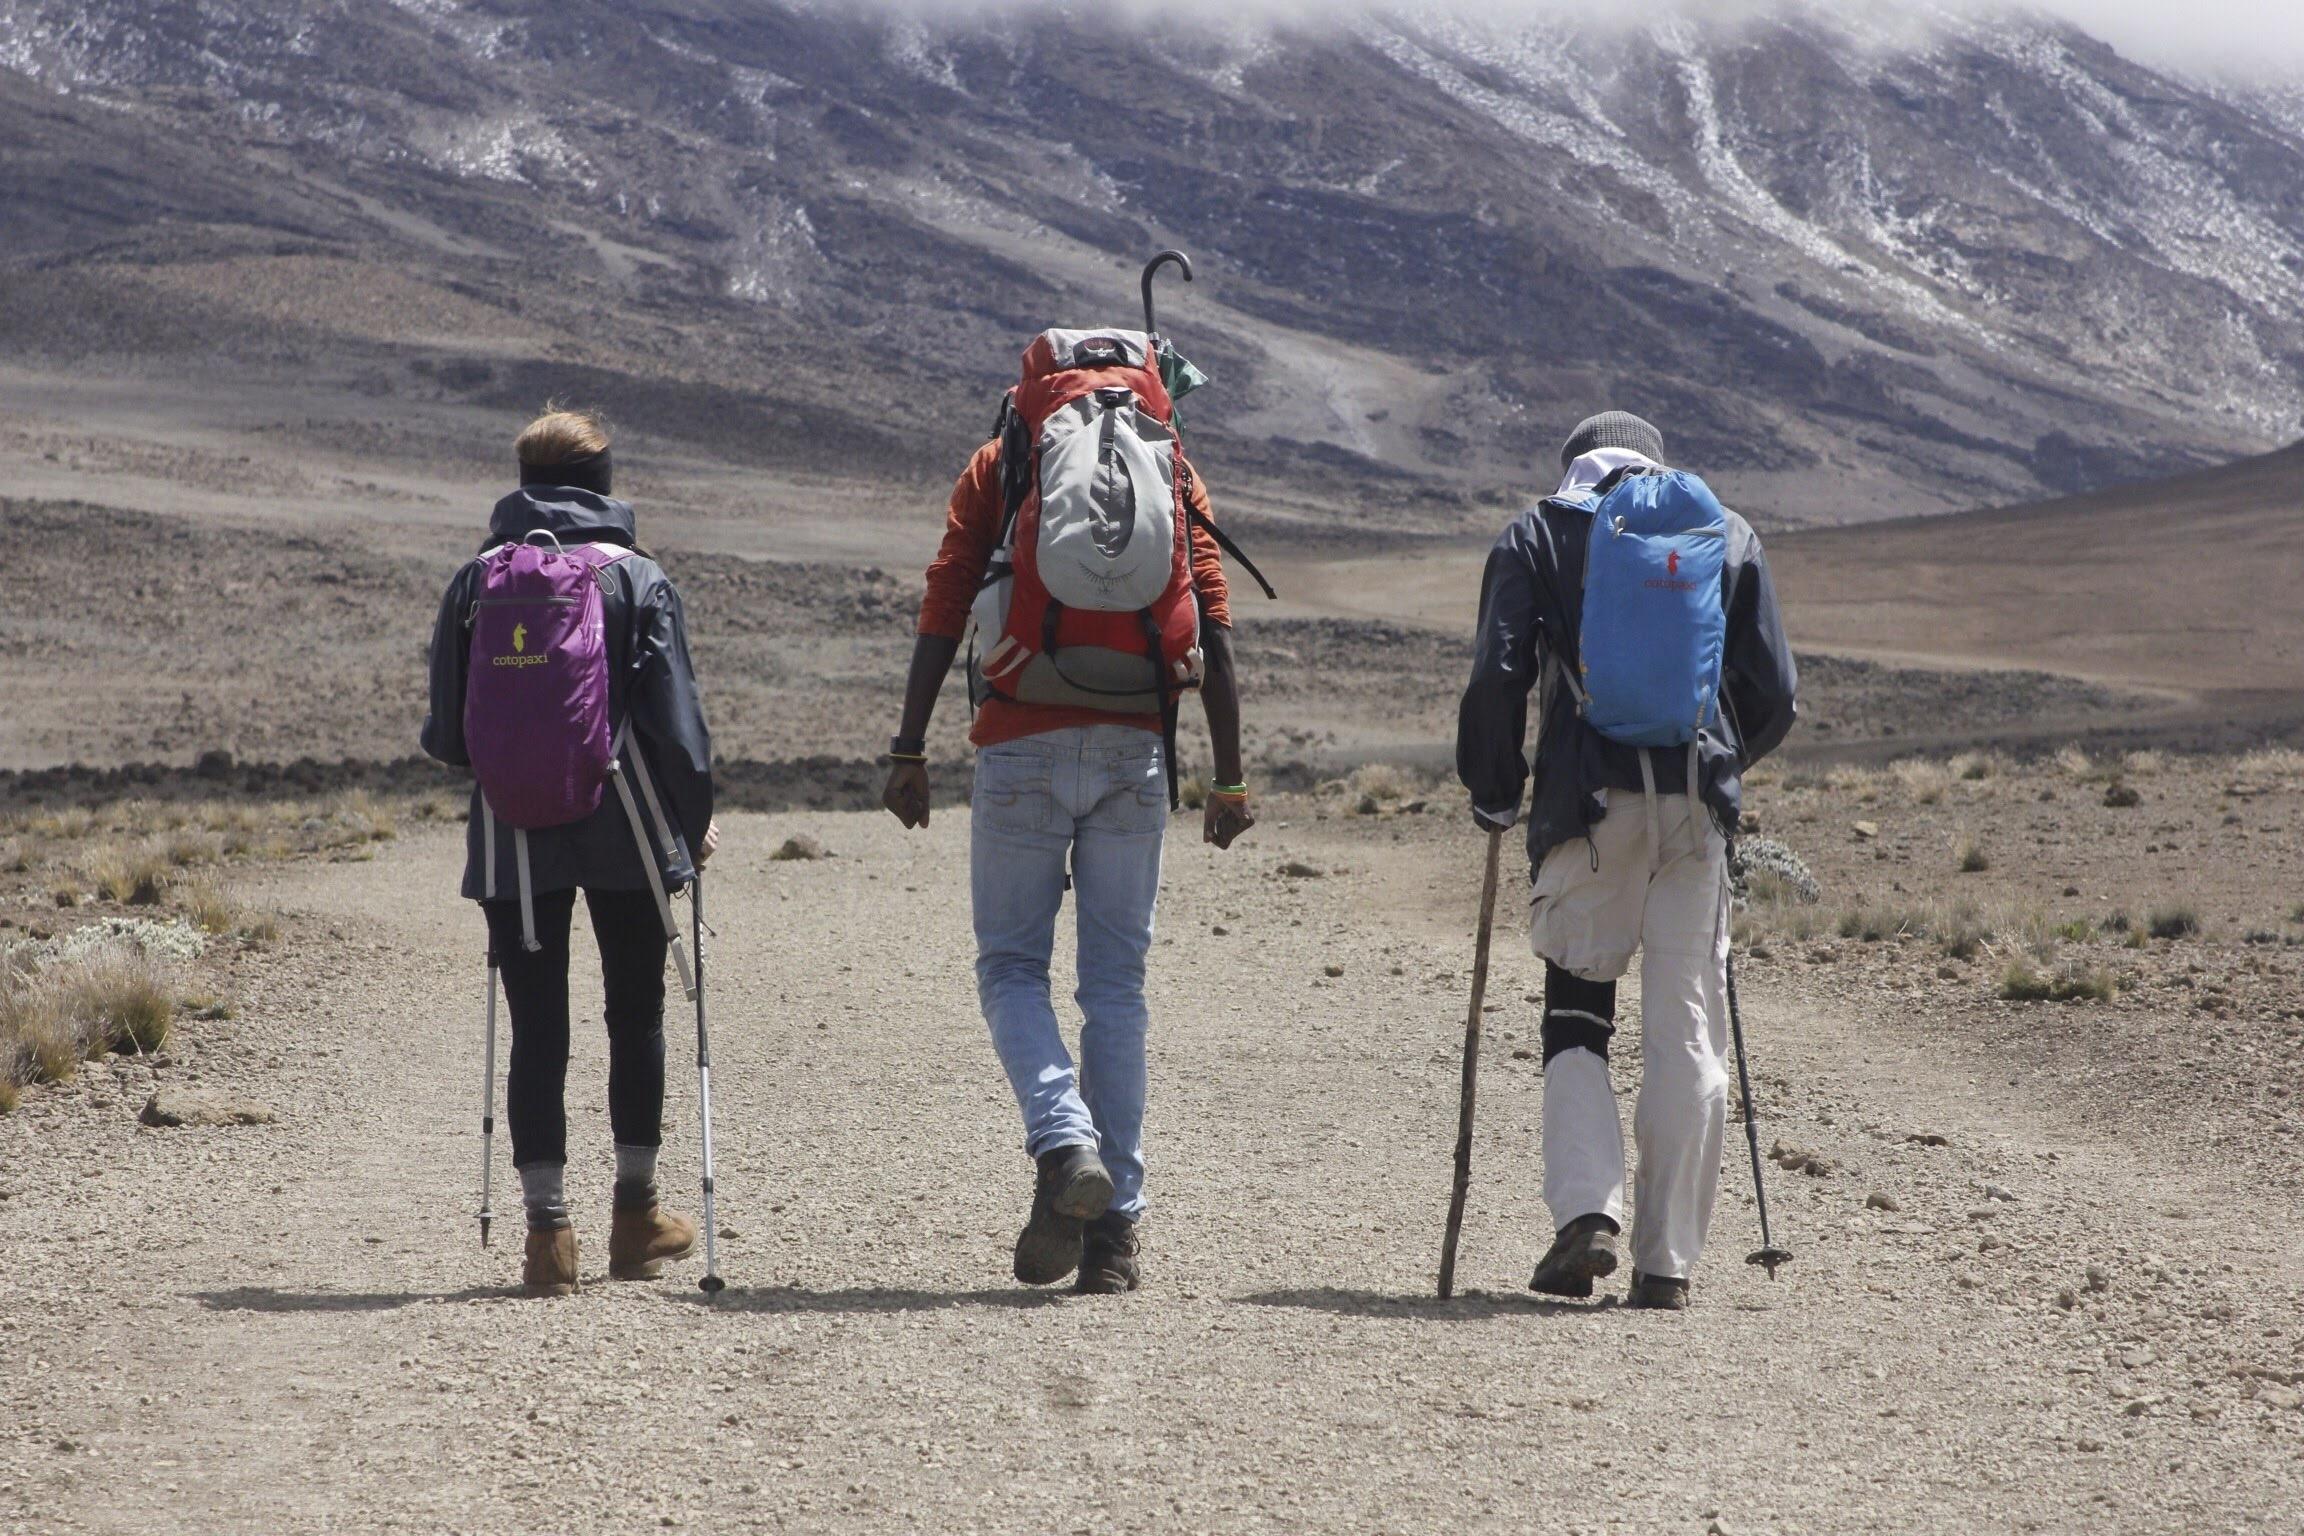 Climbing_Kilimanjaro_Guides.jpg